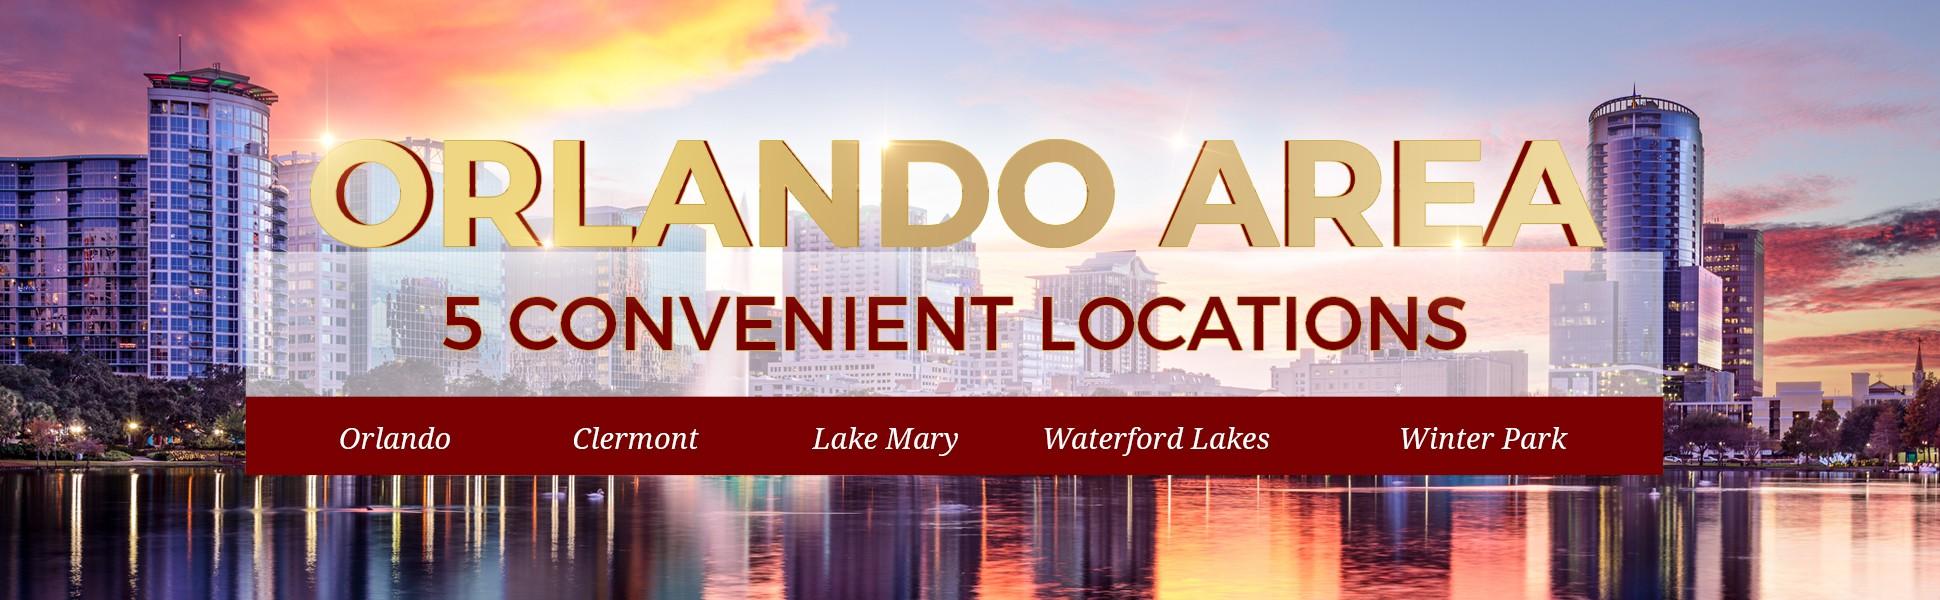 5 Convenient Locations